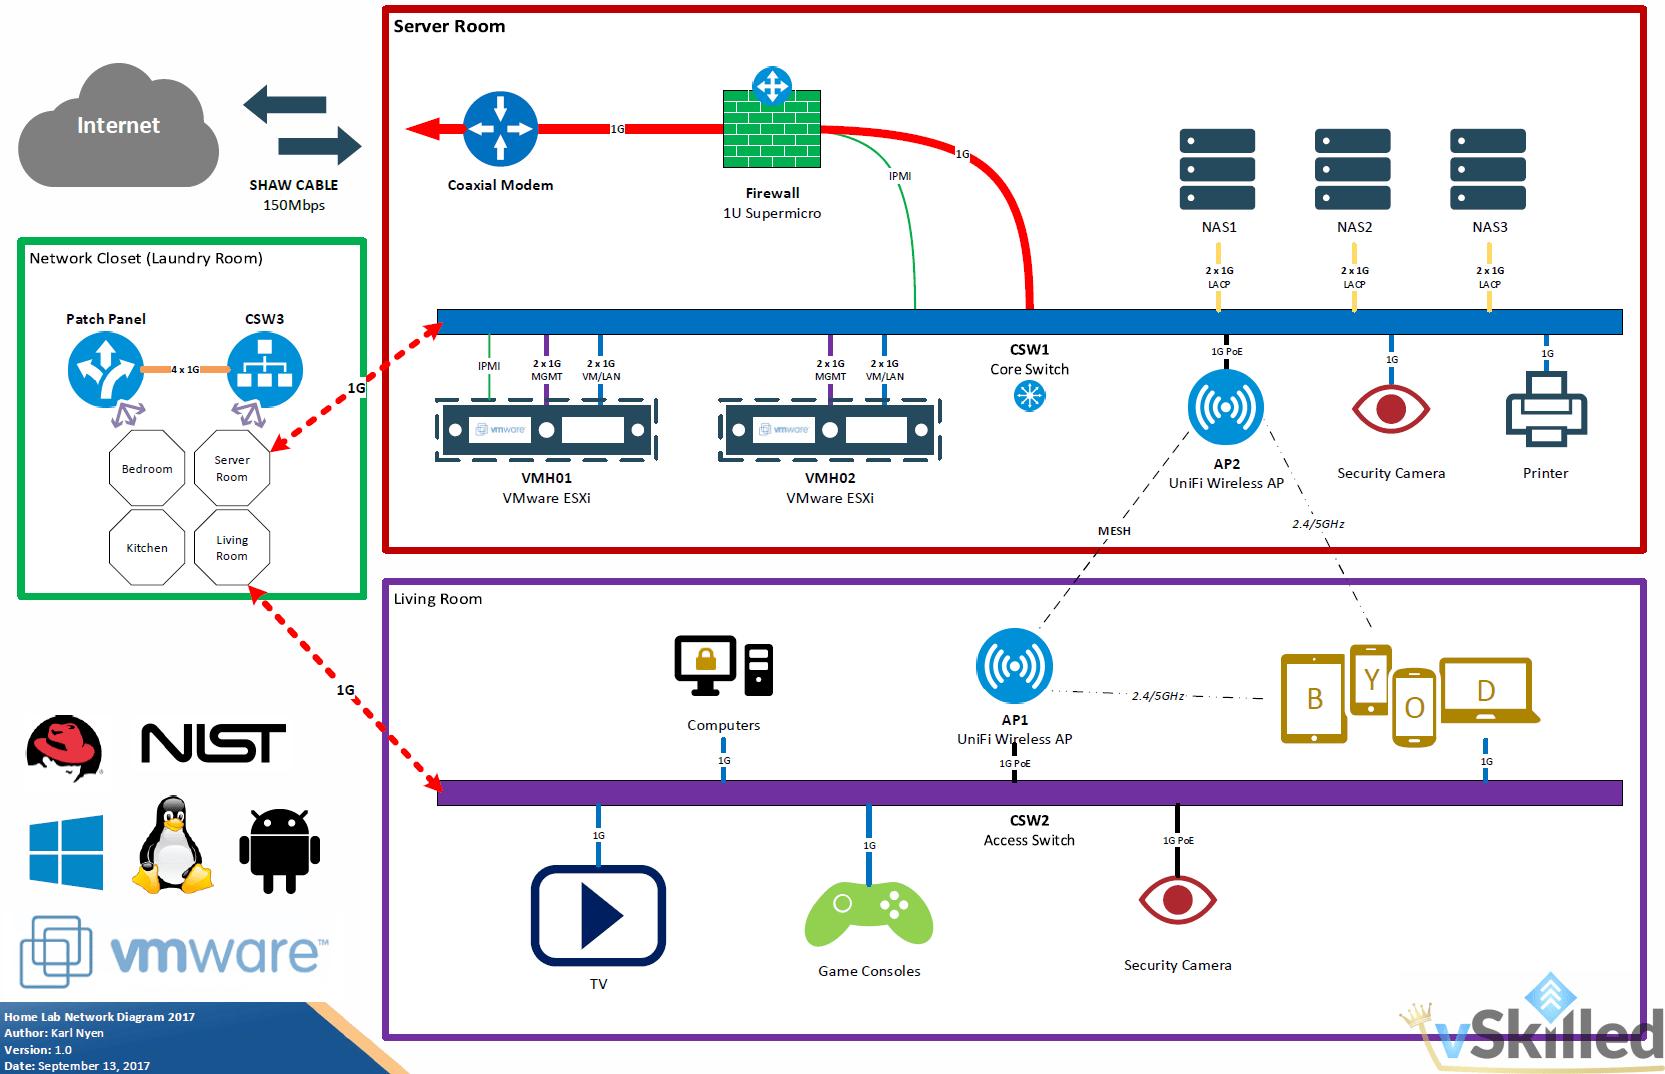 vSkilled.com – Home Lab